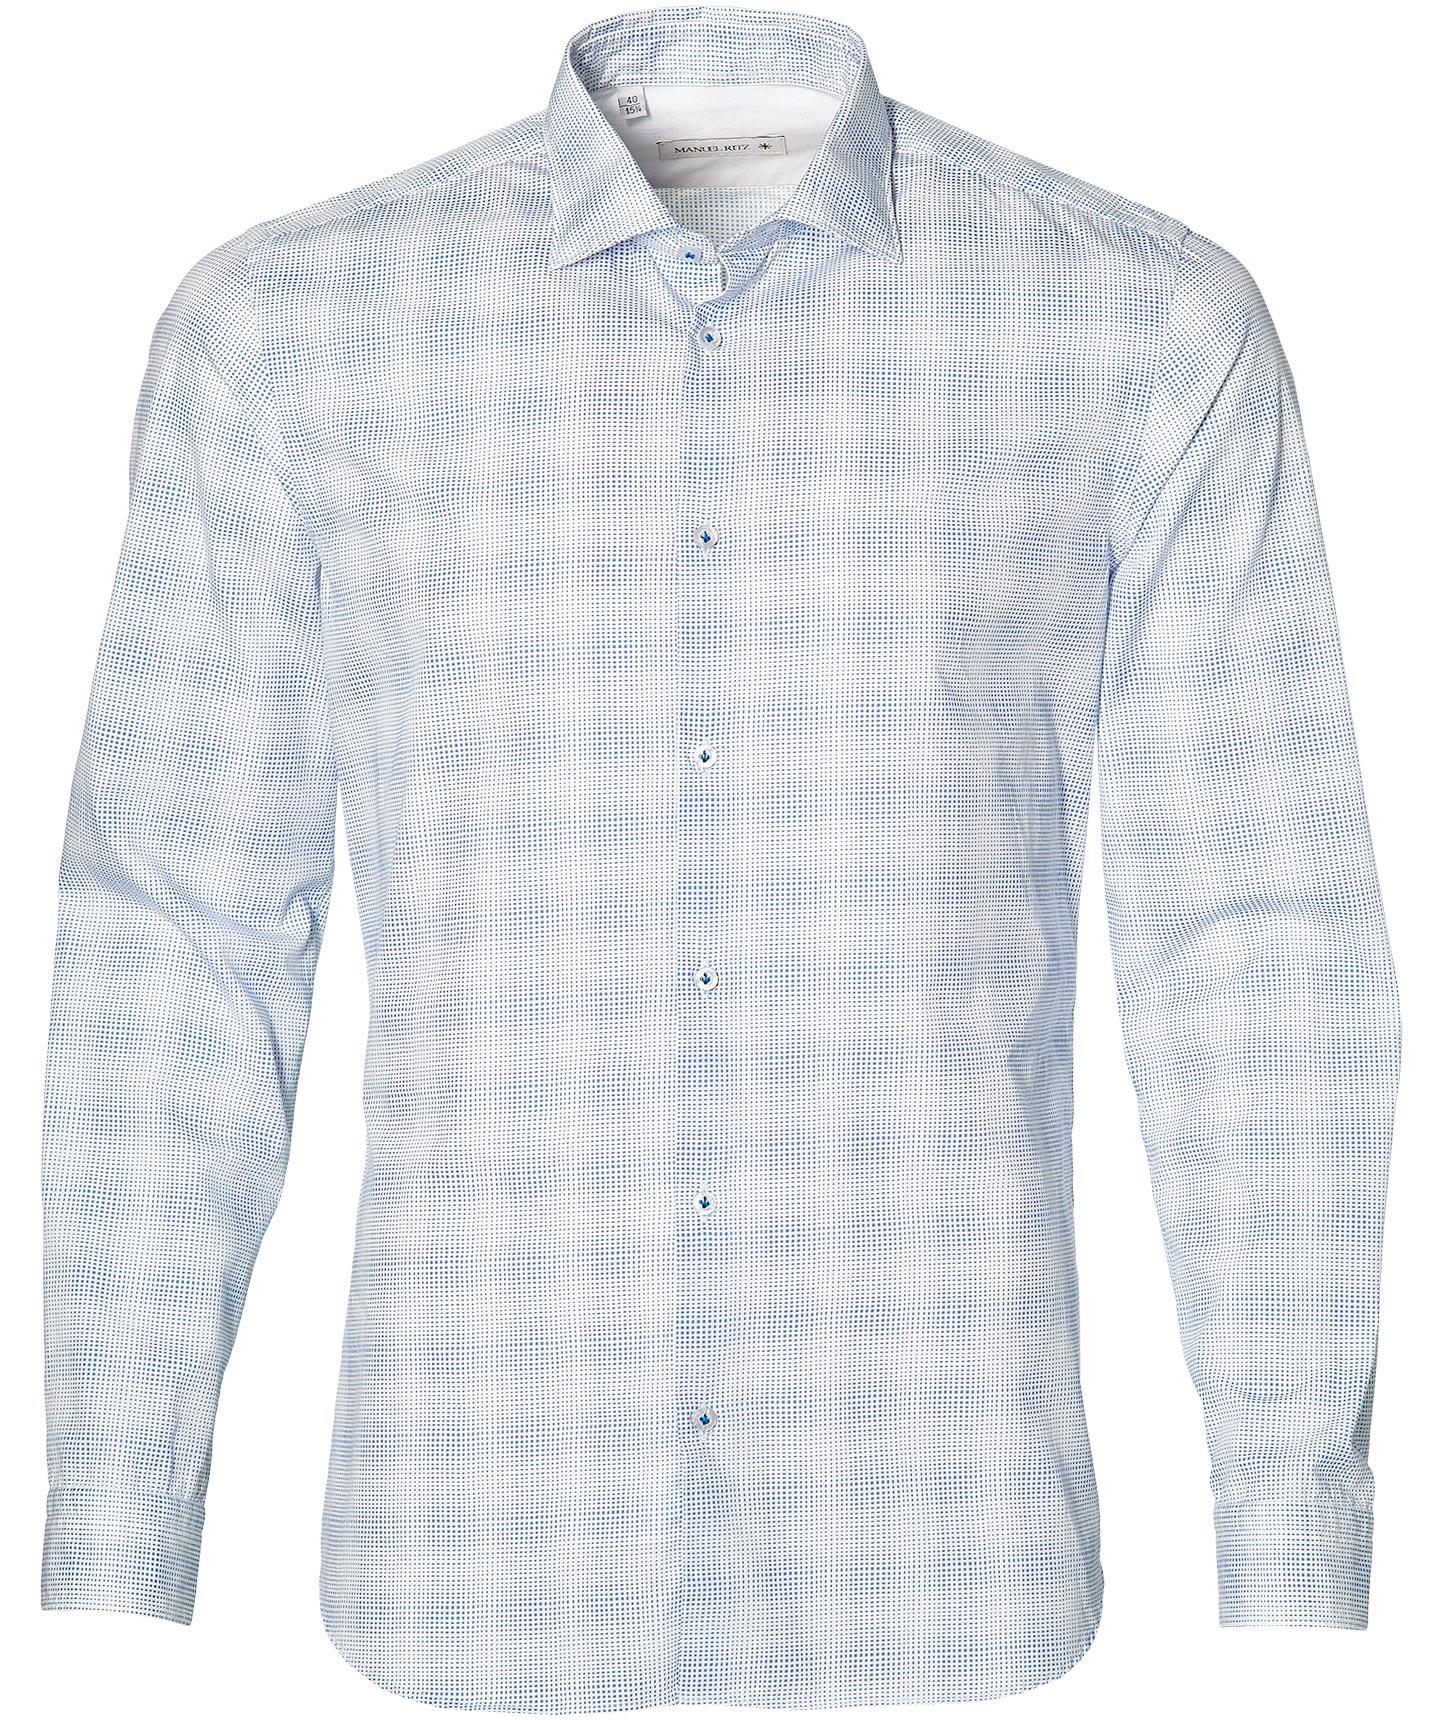 Manuel Ritz Overhemd - Slim Fit - Wit